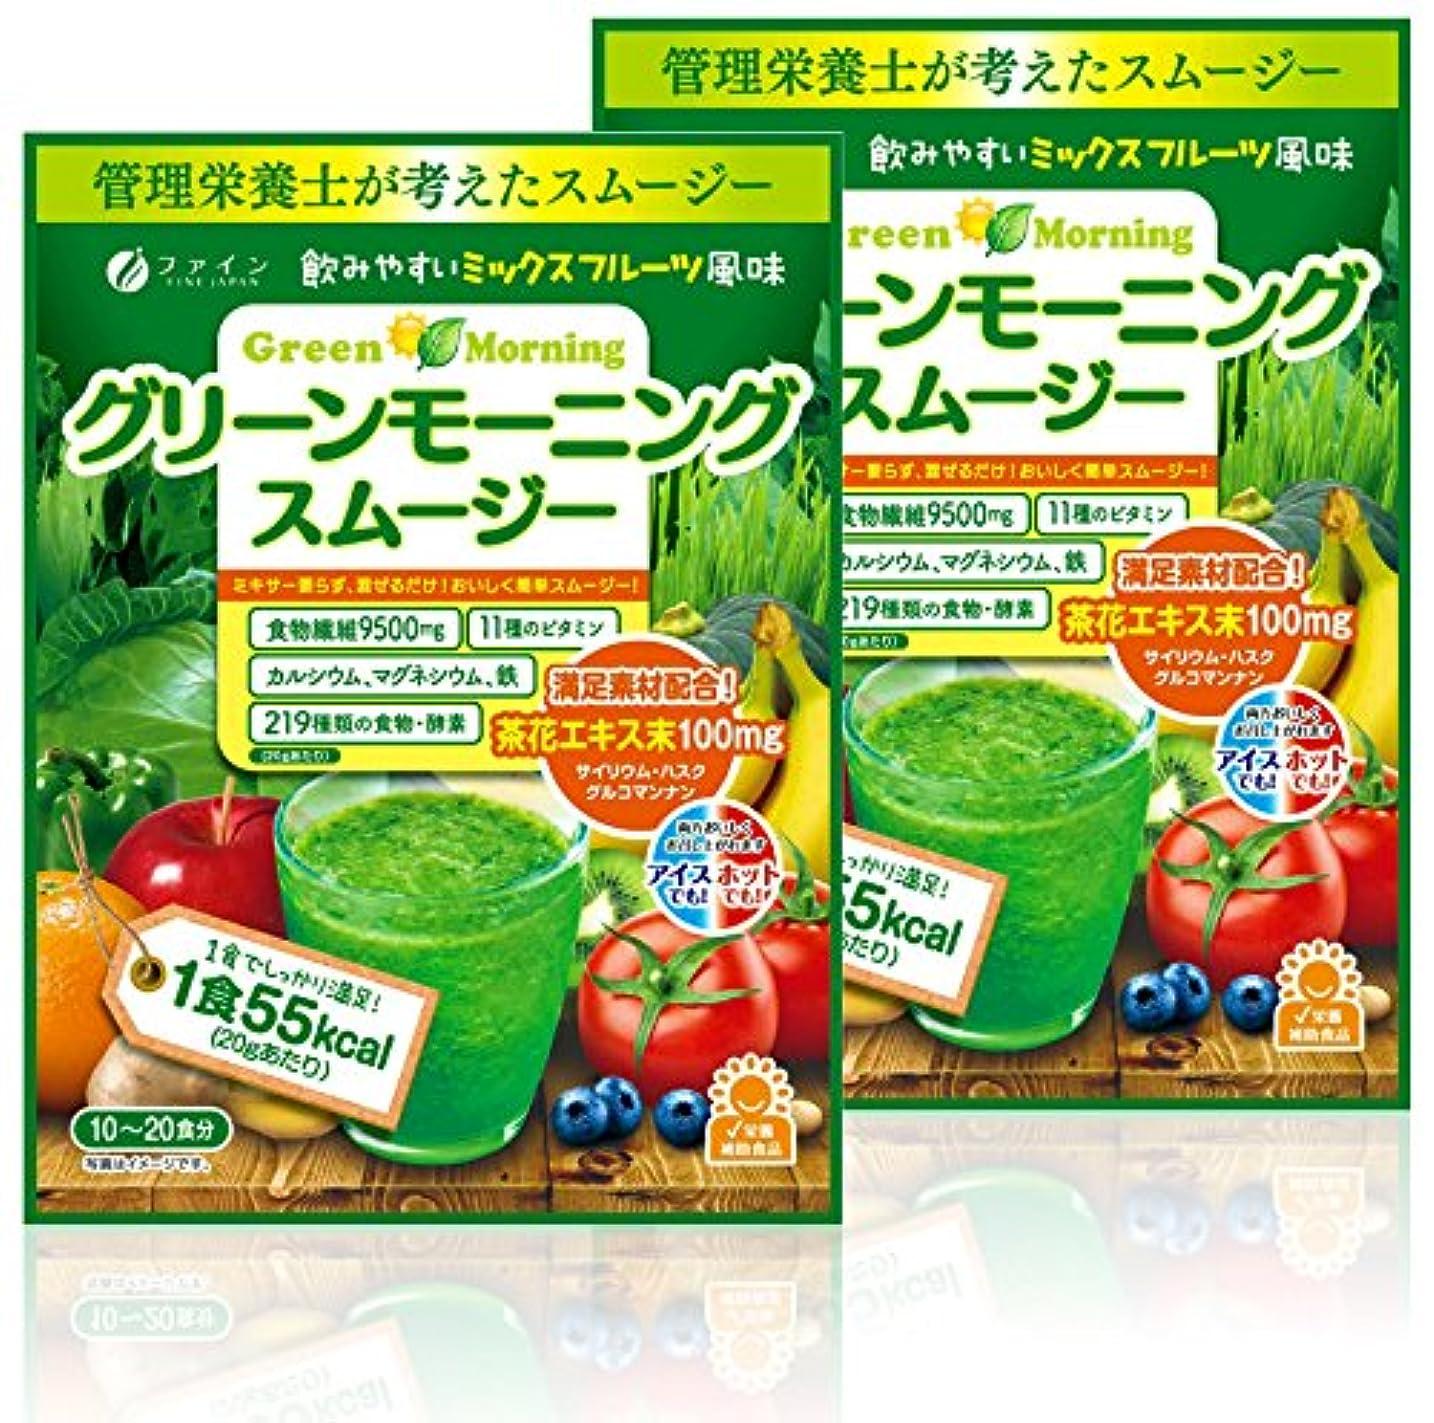 十二ムスタチオ富豪ファイン グリーンモーニングスムージー 食物繊維9.5g 植物酵素配合 (200g入)×2袋セット